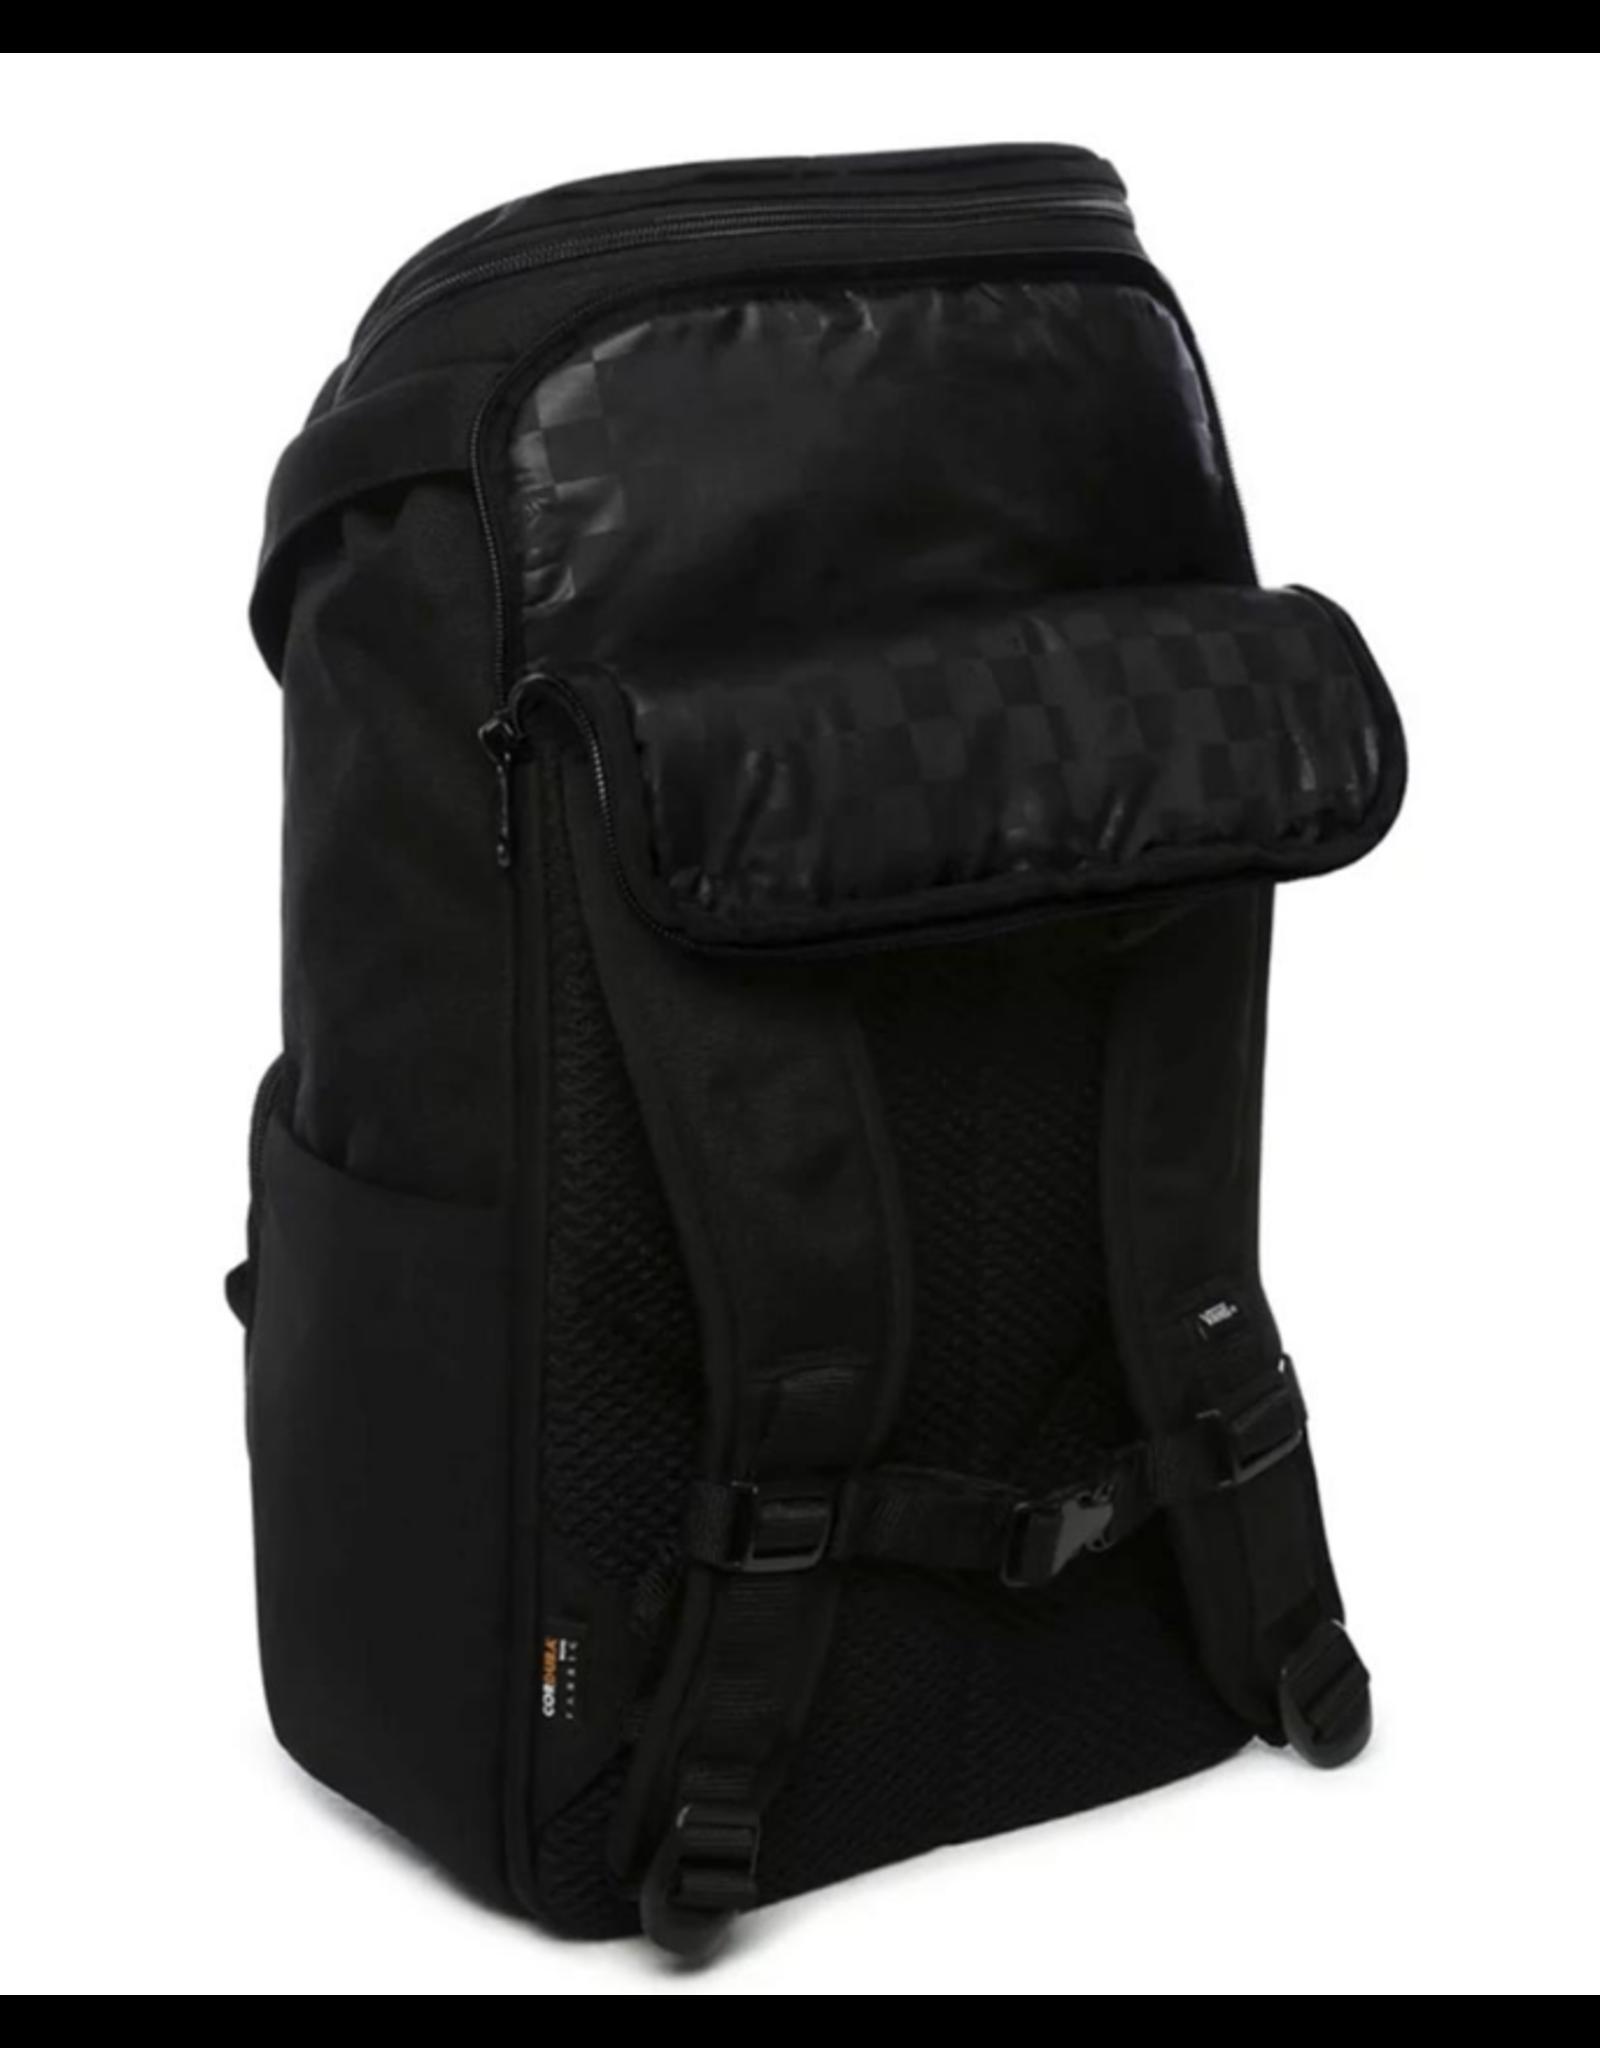 Vans Confound Ruckpack - Black Ripstop